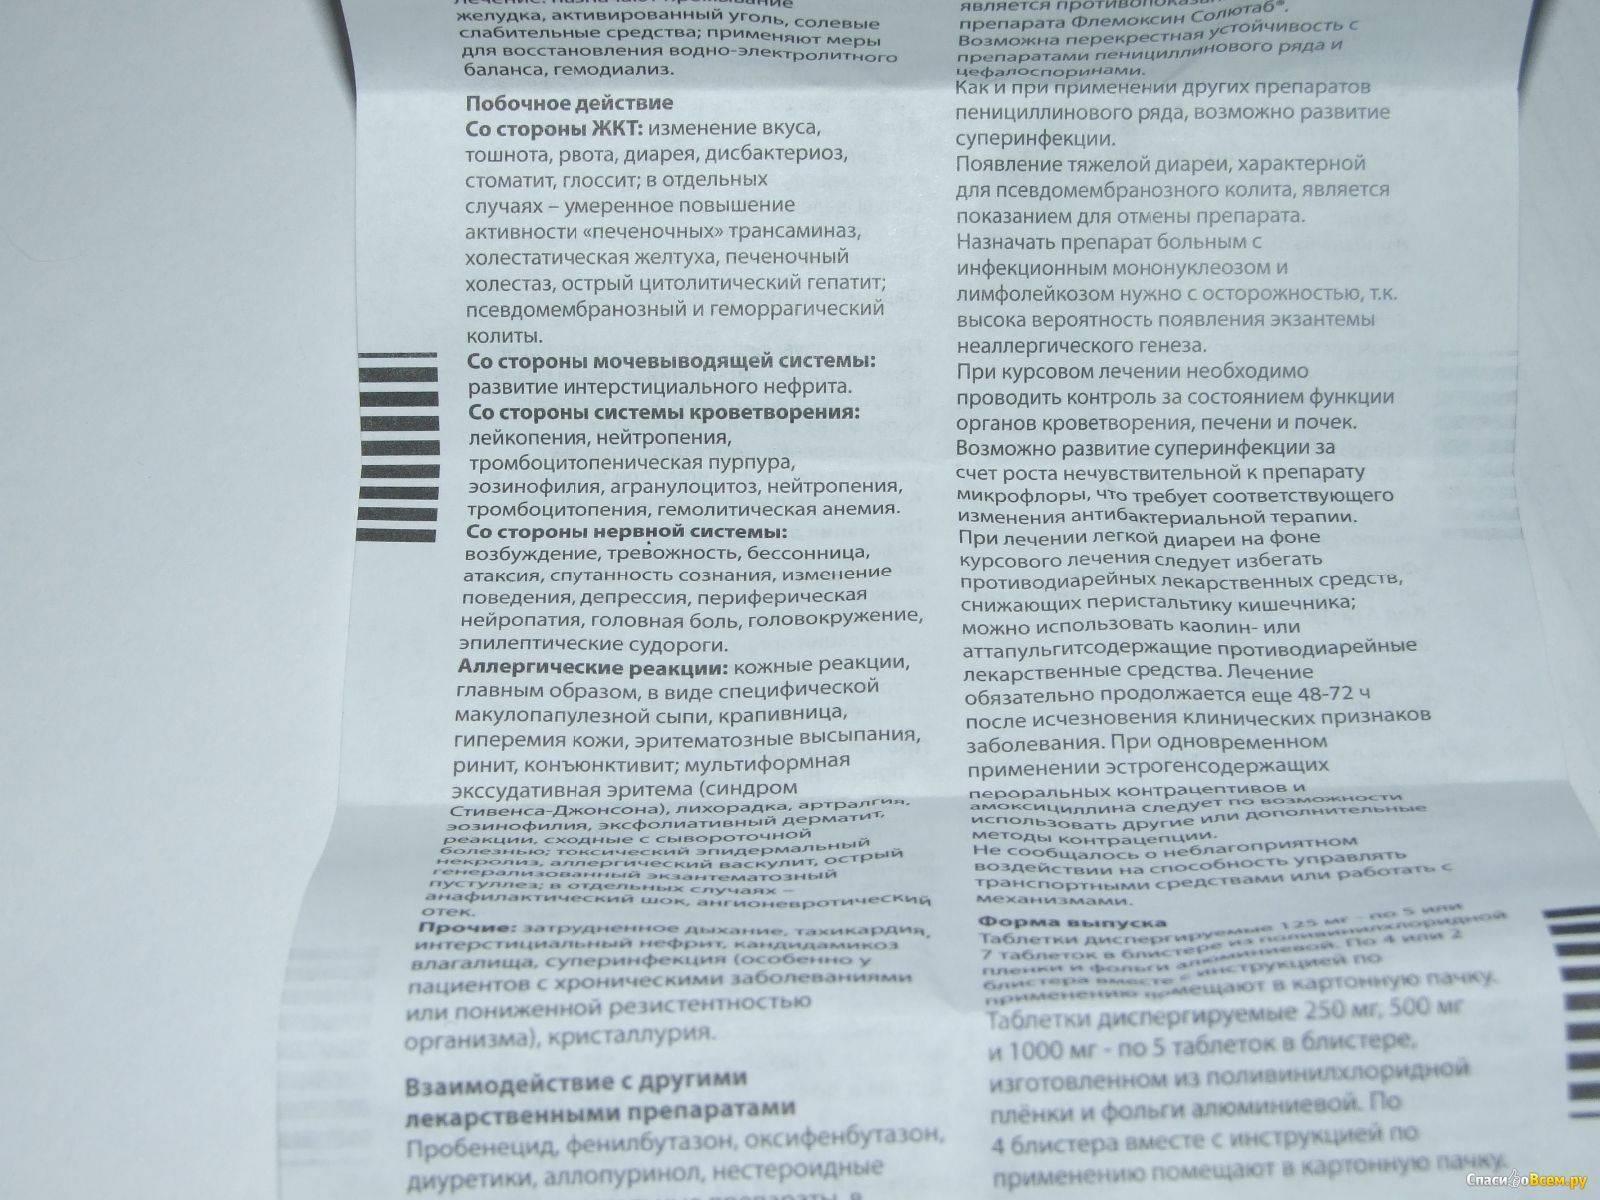 Флемоксин солютаб: от чего помогает, инструкция по применению